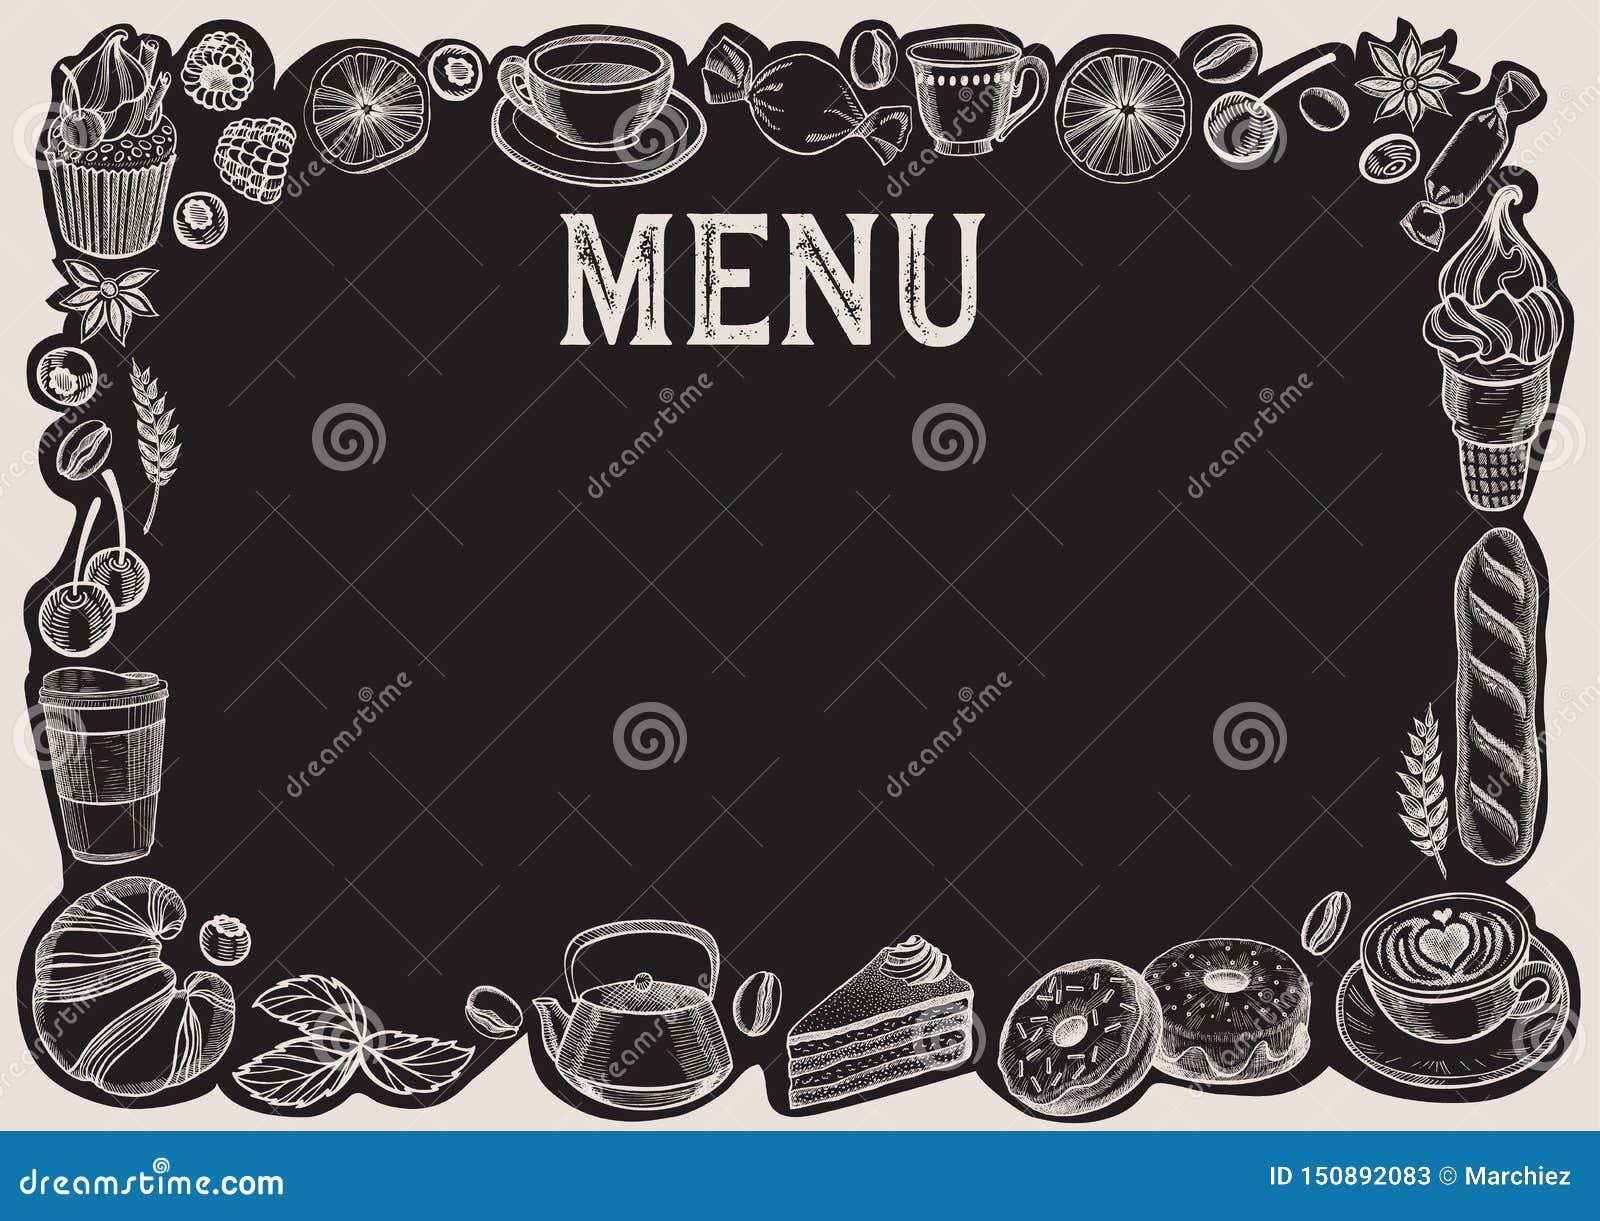 Chalkboard Menu Template For Restaurant Background And Food Frame Stock Vector Illustration Of Design Doodle 150892083